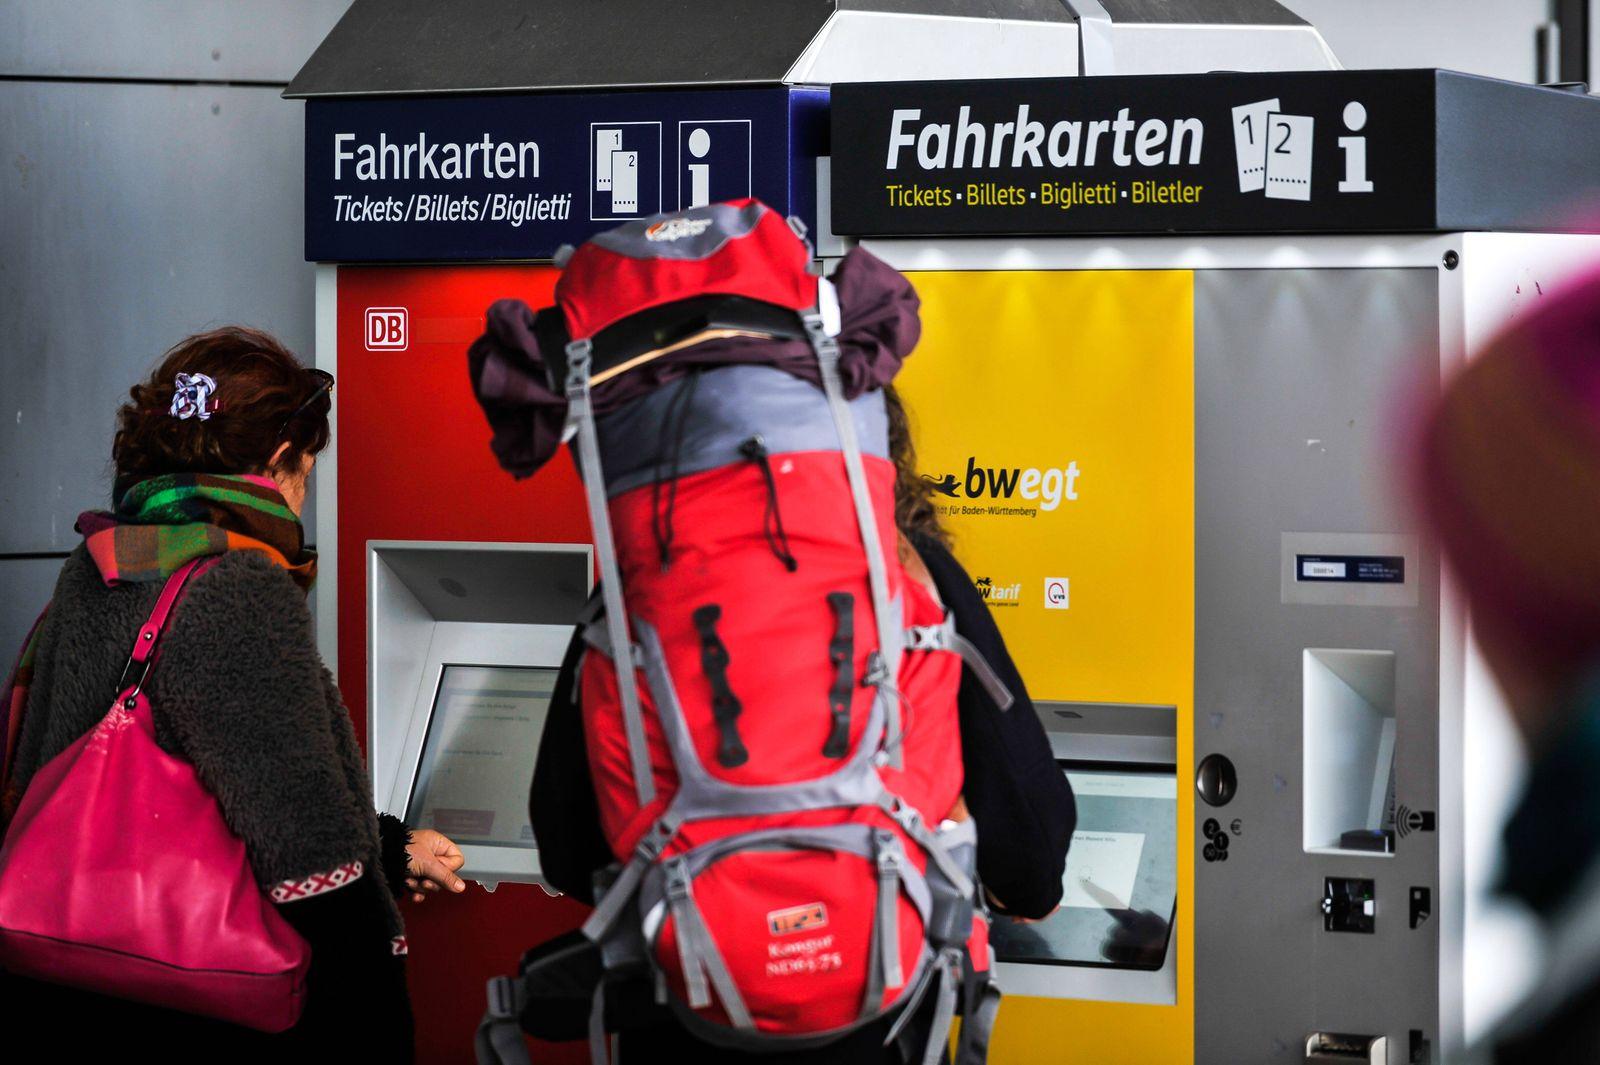 Hauptbahnhof Stuttgart. Stuttgart 21 ist die derzeit grˆflte Bahn-Baustelle des Landes. F¸r viele Pendler, Reisende und